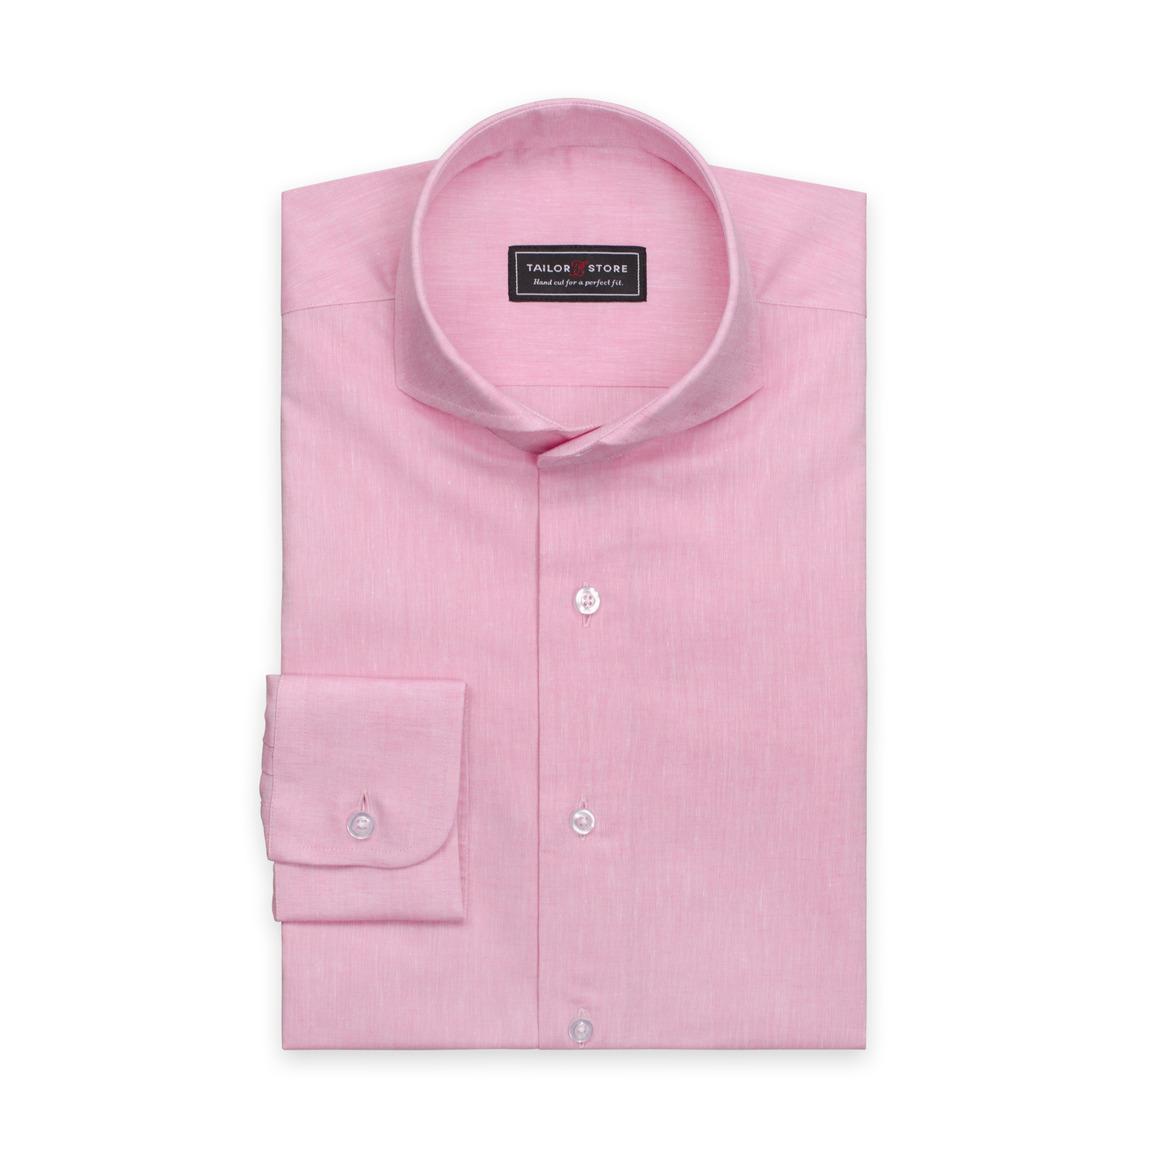 Light pink shirt in cotton/linen